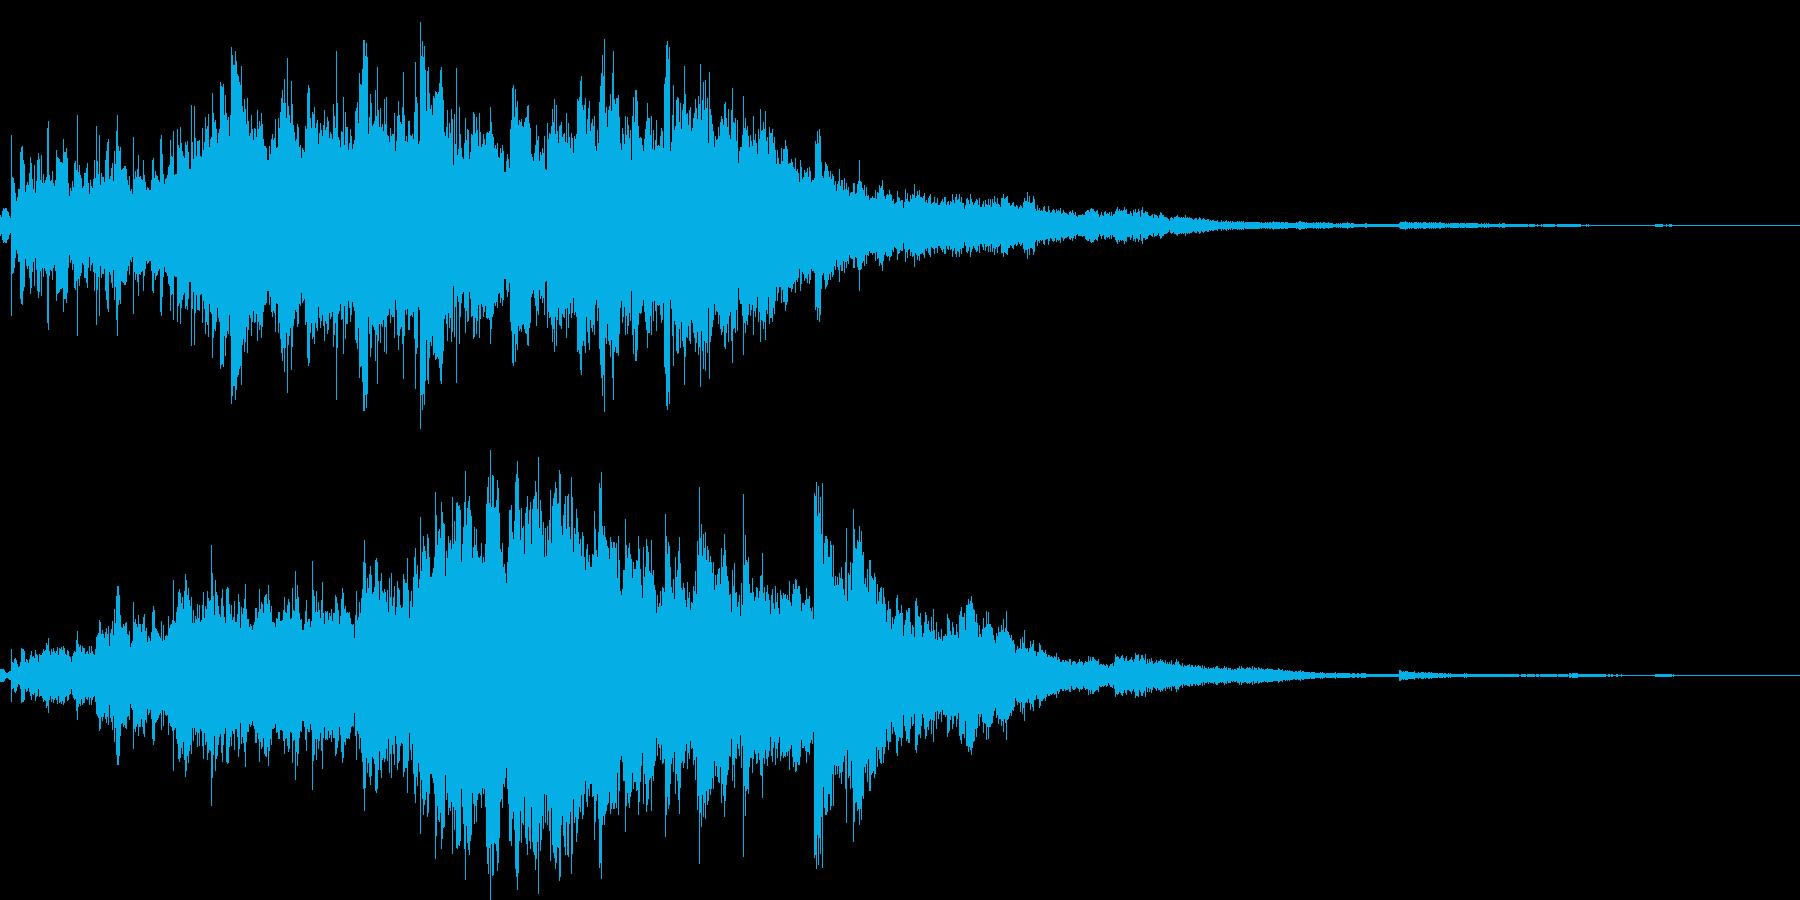 素敵な演出に綺麗なキラキラ音5(長め)の再生済みの波形